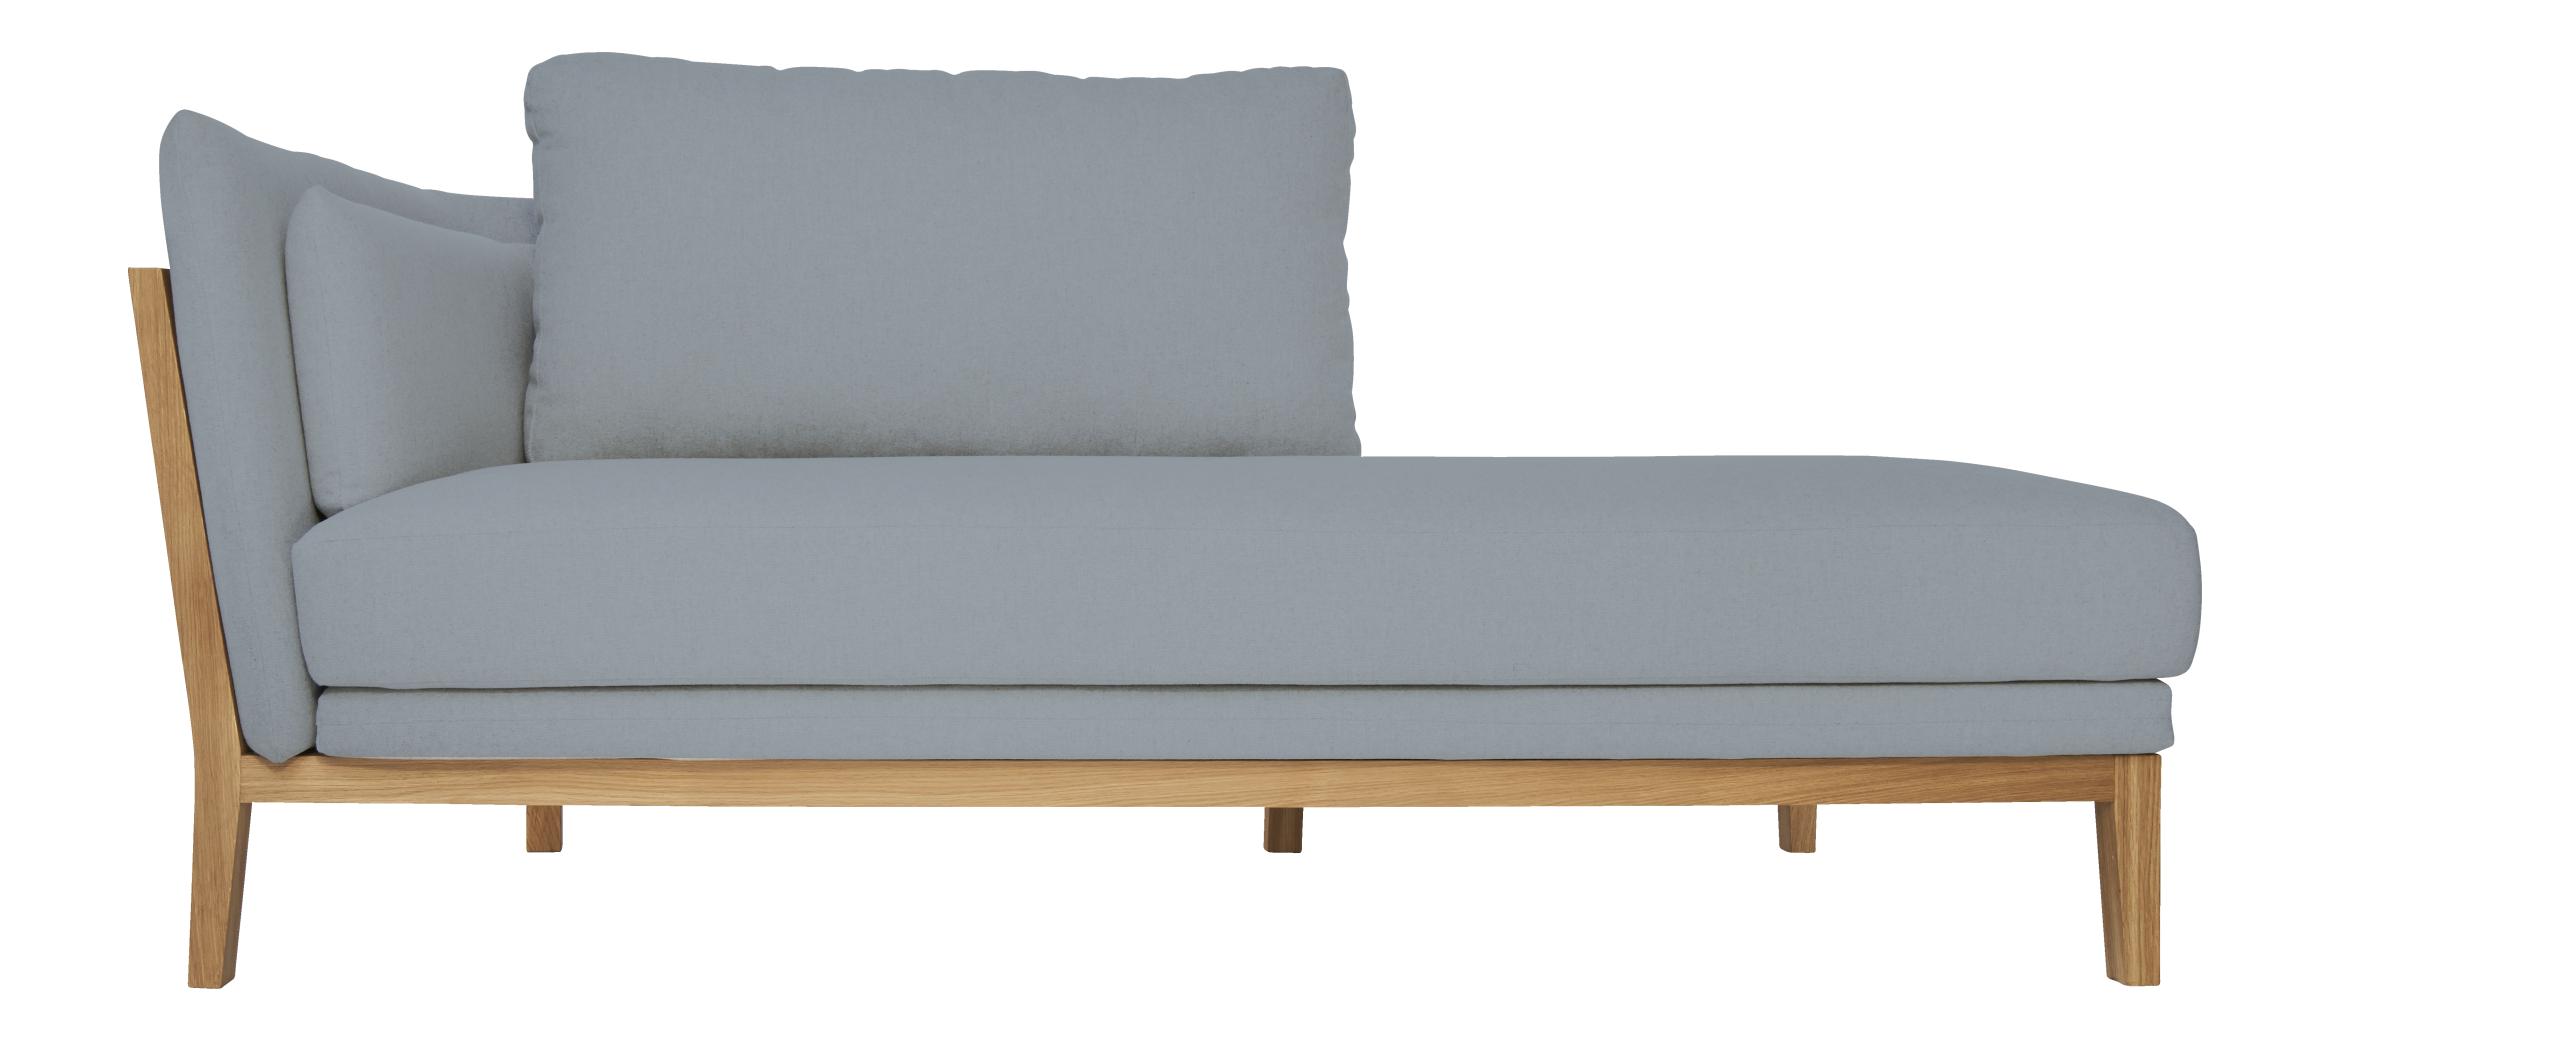 boat m ridiennes m ridienne bleu ciel tissu home salon pinterest m ridienne ciel et bleu. Black Bedroom Furniture Sets. Home Design Ideas